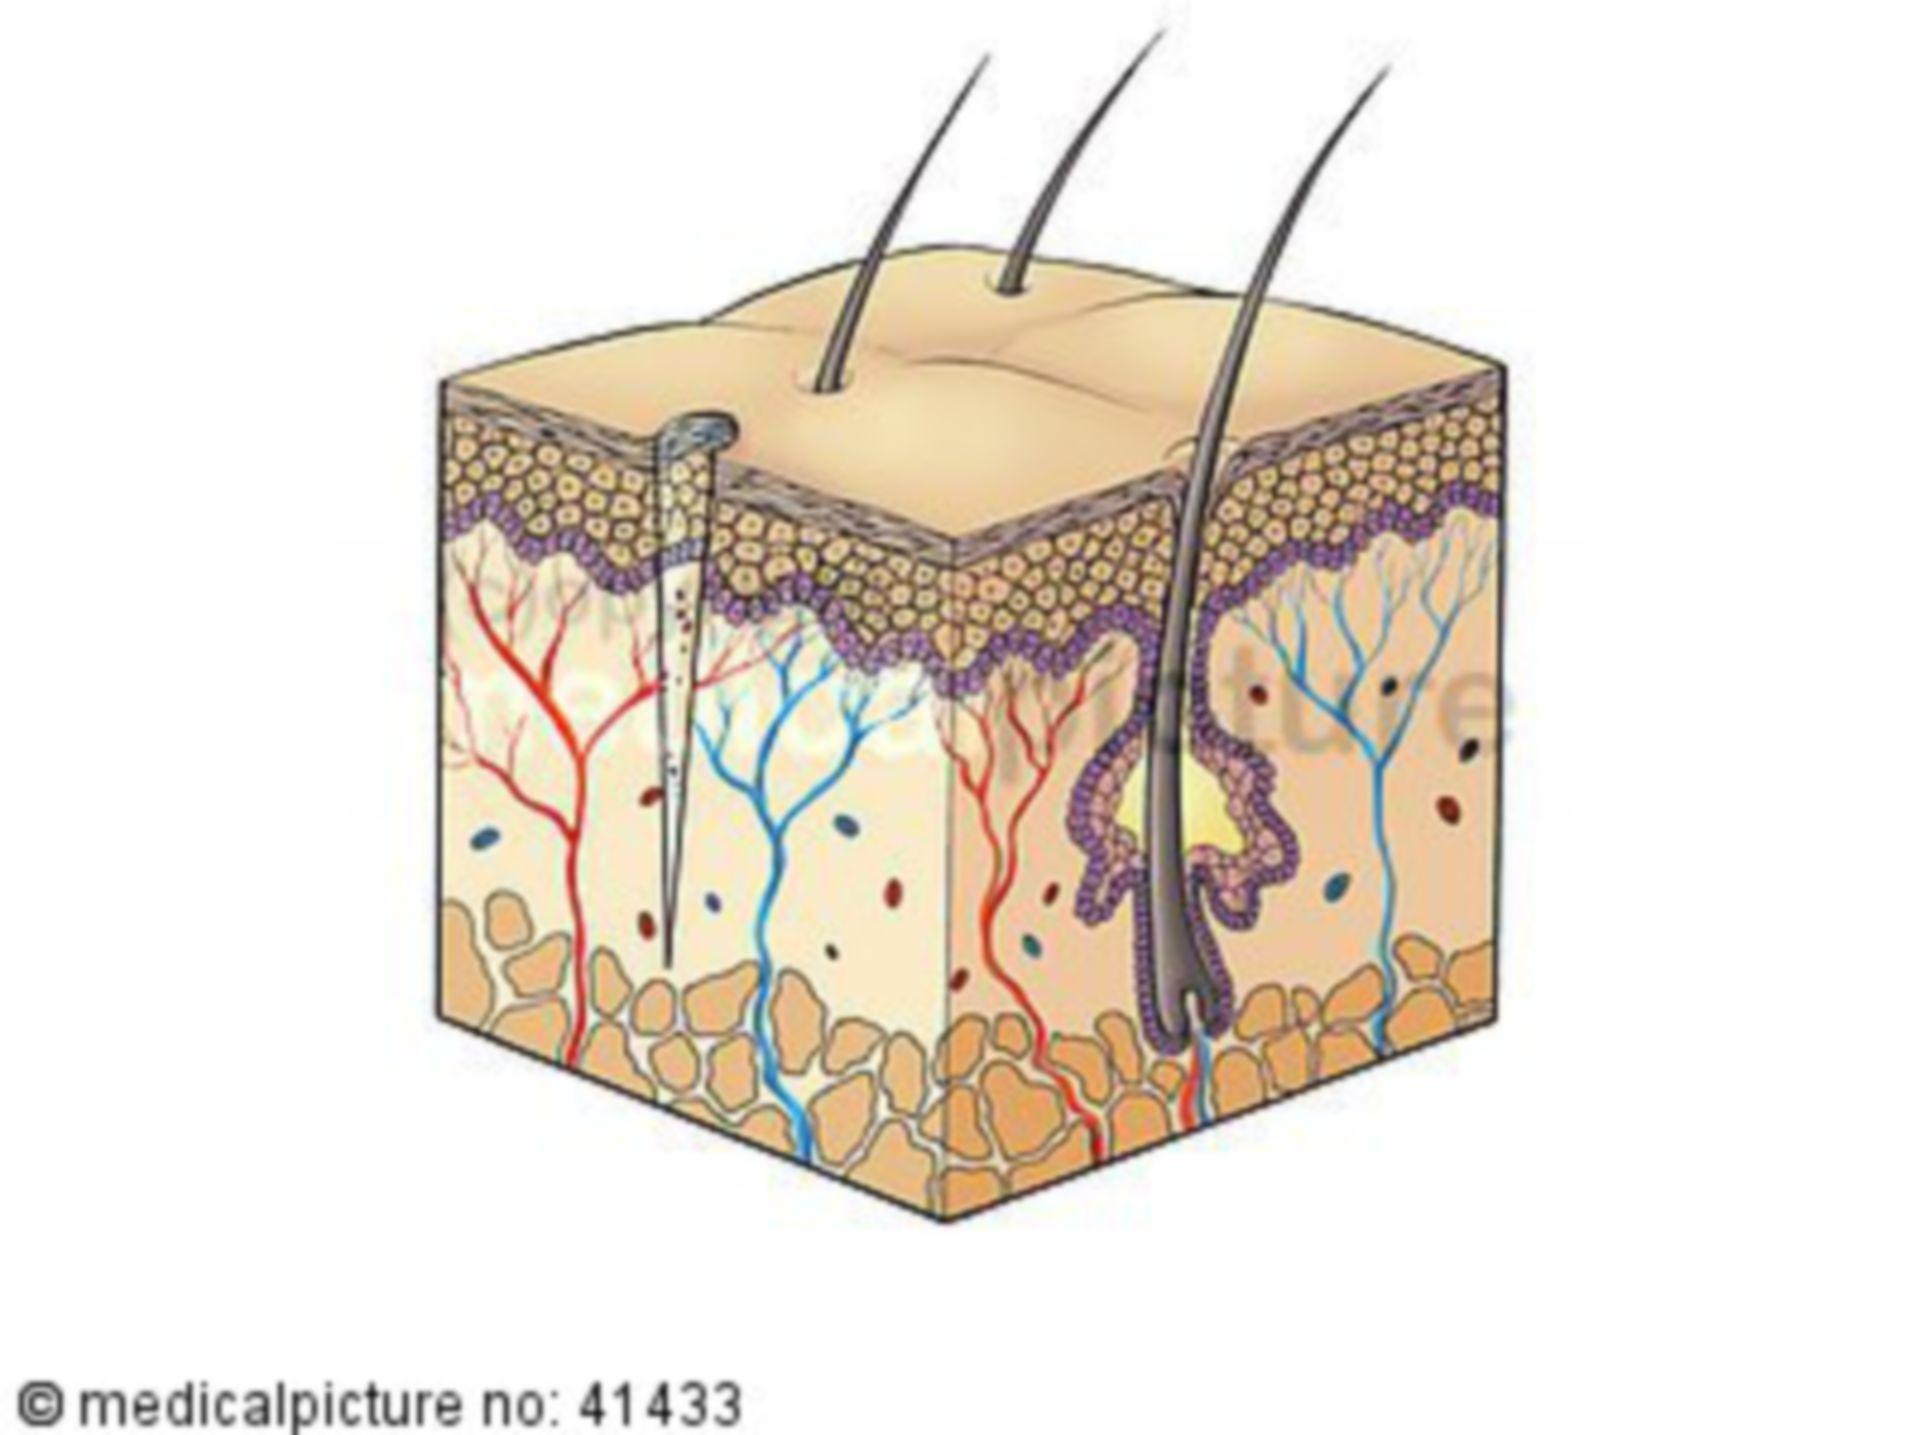 Haut, Stichverletzung, skin, stitch